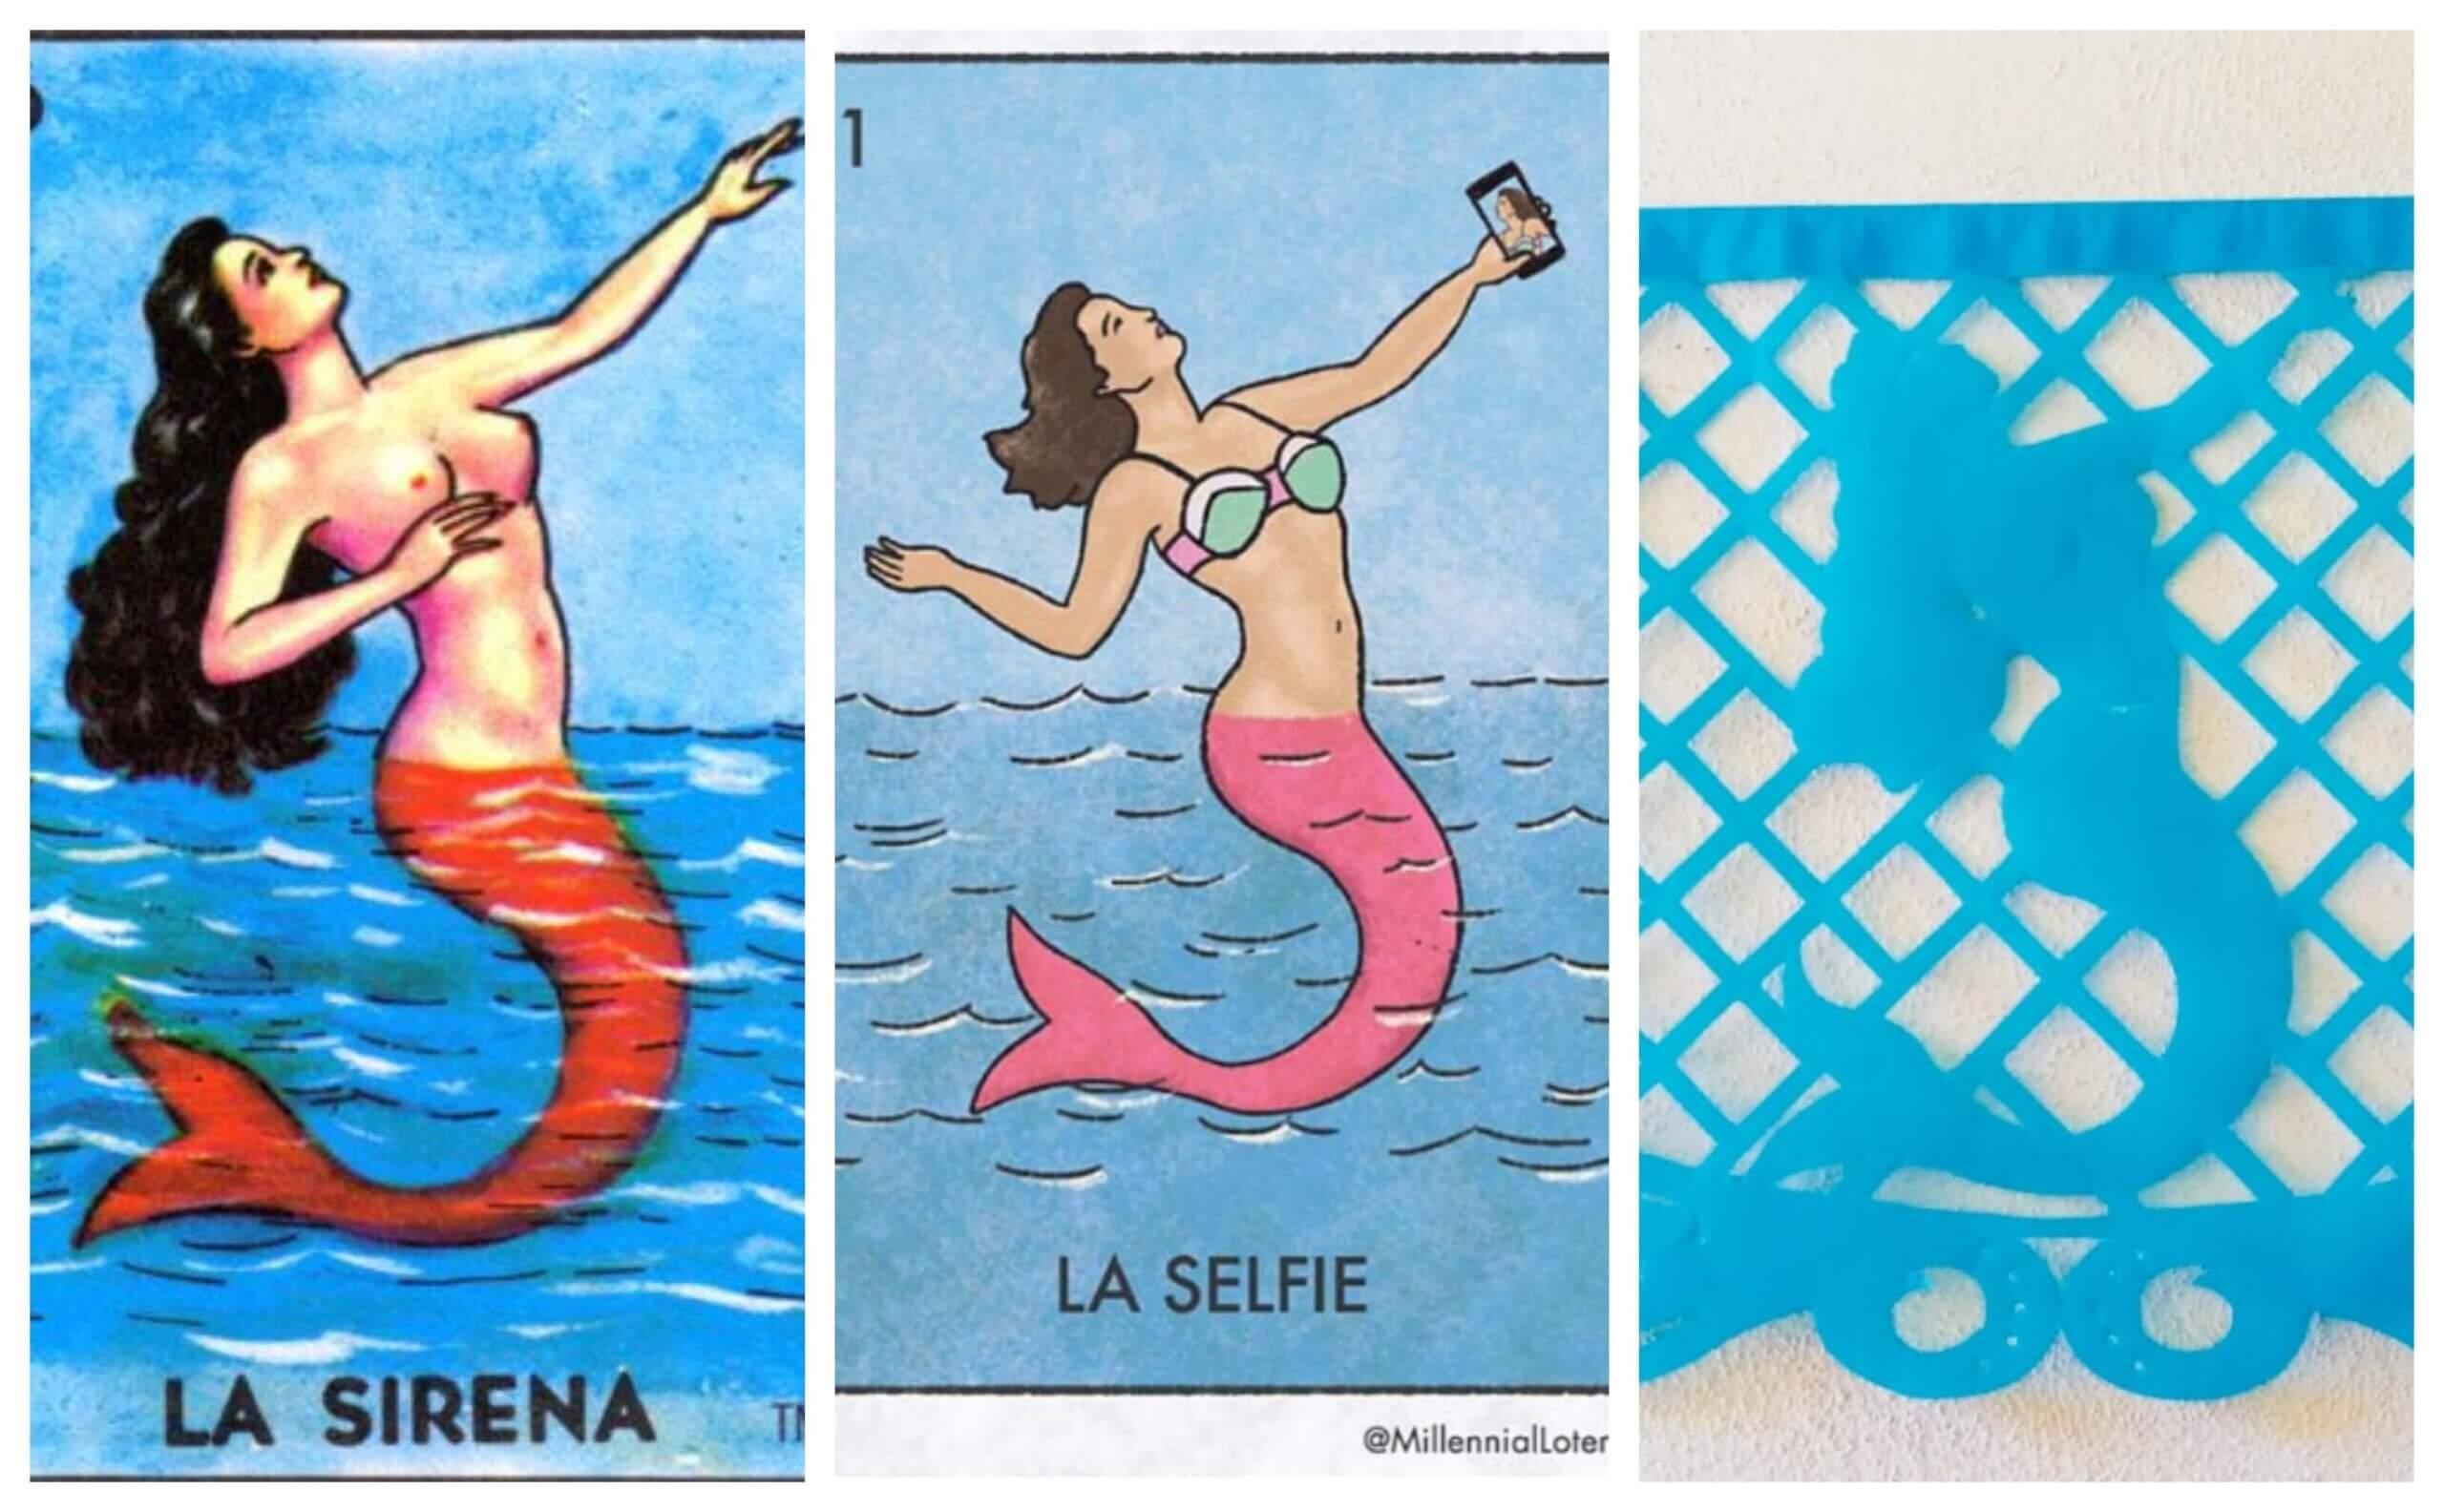 La Sirena papel picado flags from TexMex Fun Stuff.